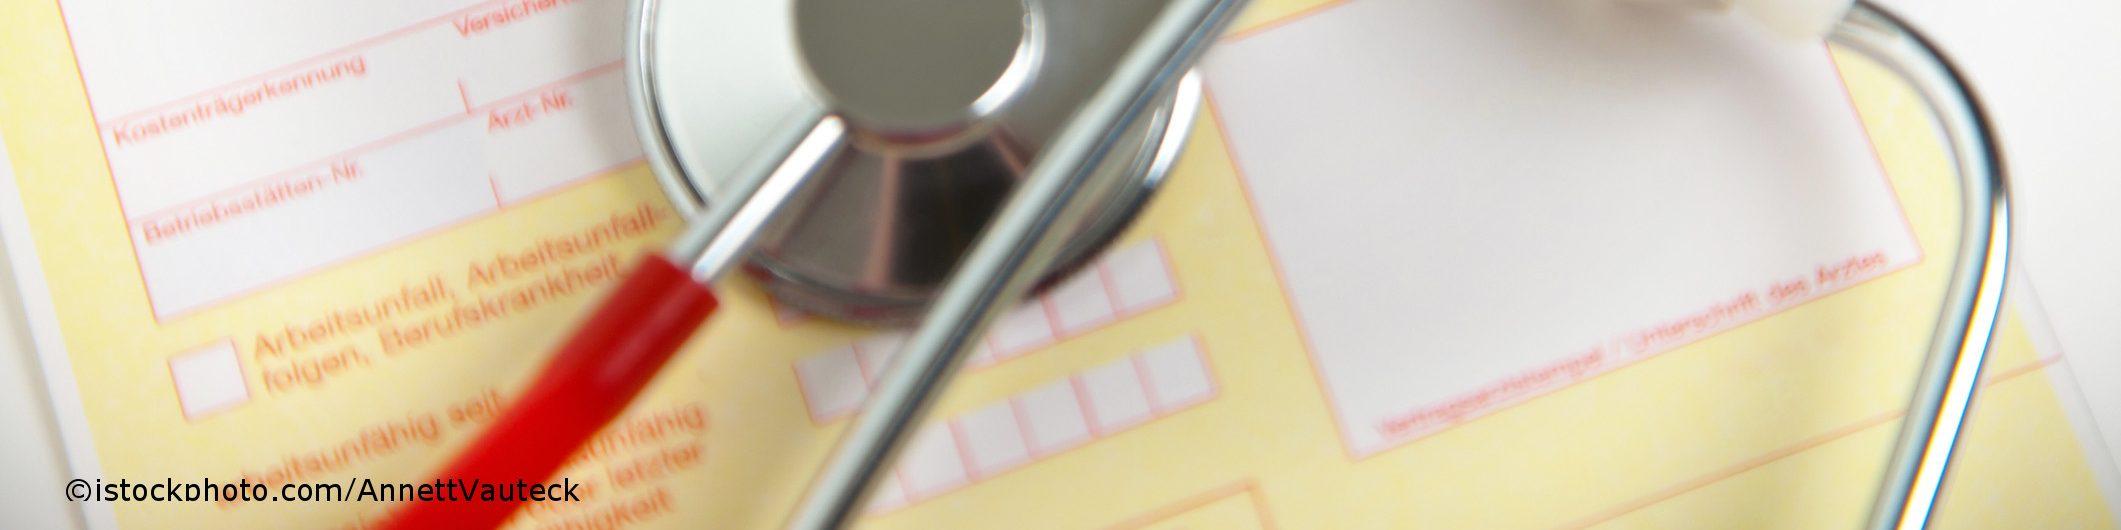 J09 bedeutet im ICD-10 Diagnoseschlüssel Grippe durch zoonotische oder pandemische nachgewiesene Influenzaviren.